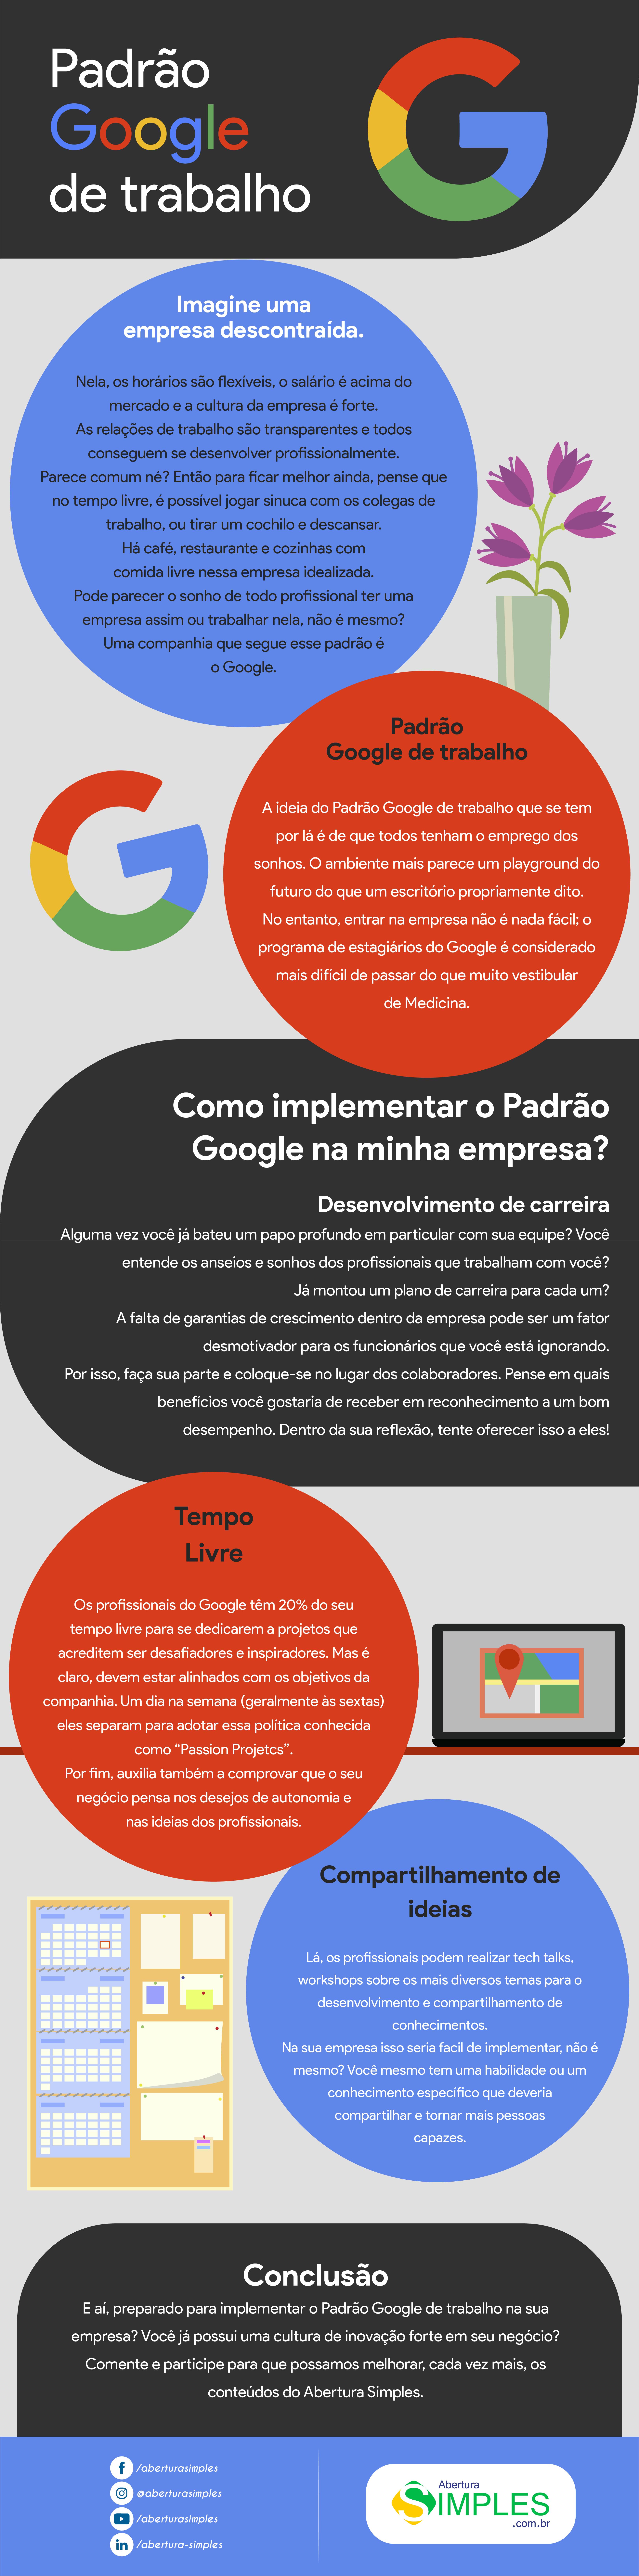 Infográfico do padrão google de empresas